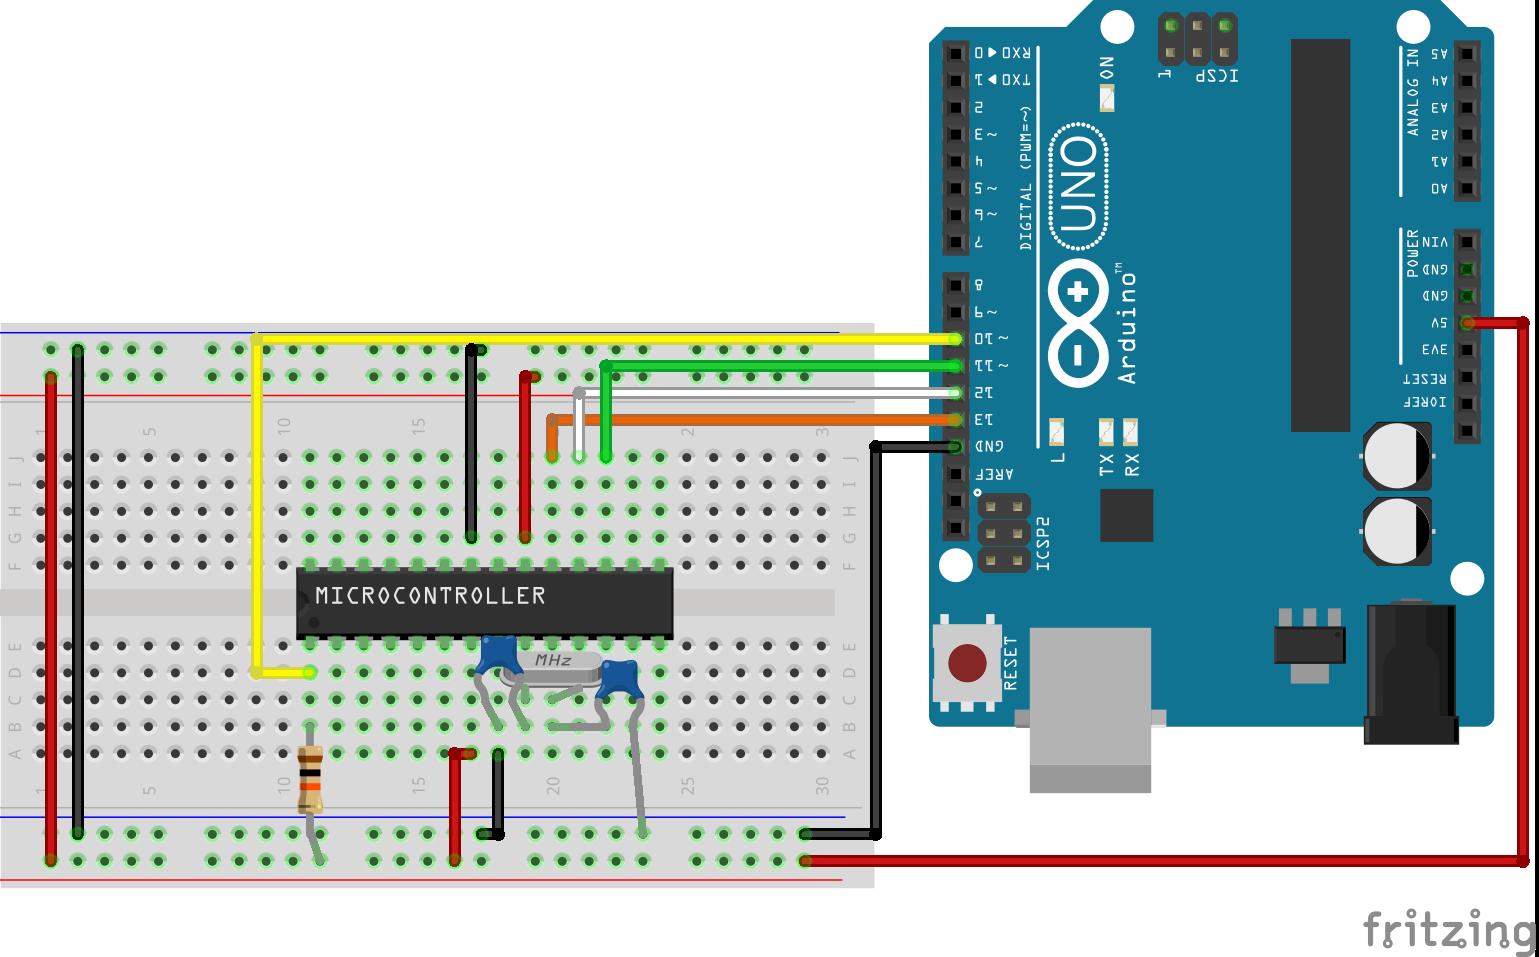 Flashing Arduino Bootloader on Atmega328p Microcontroller